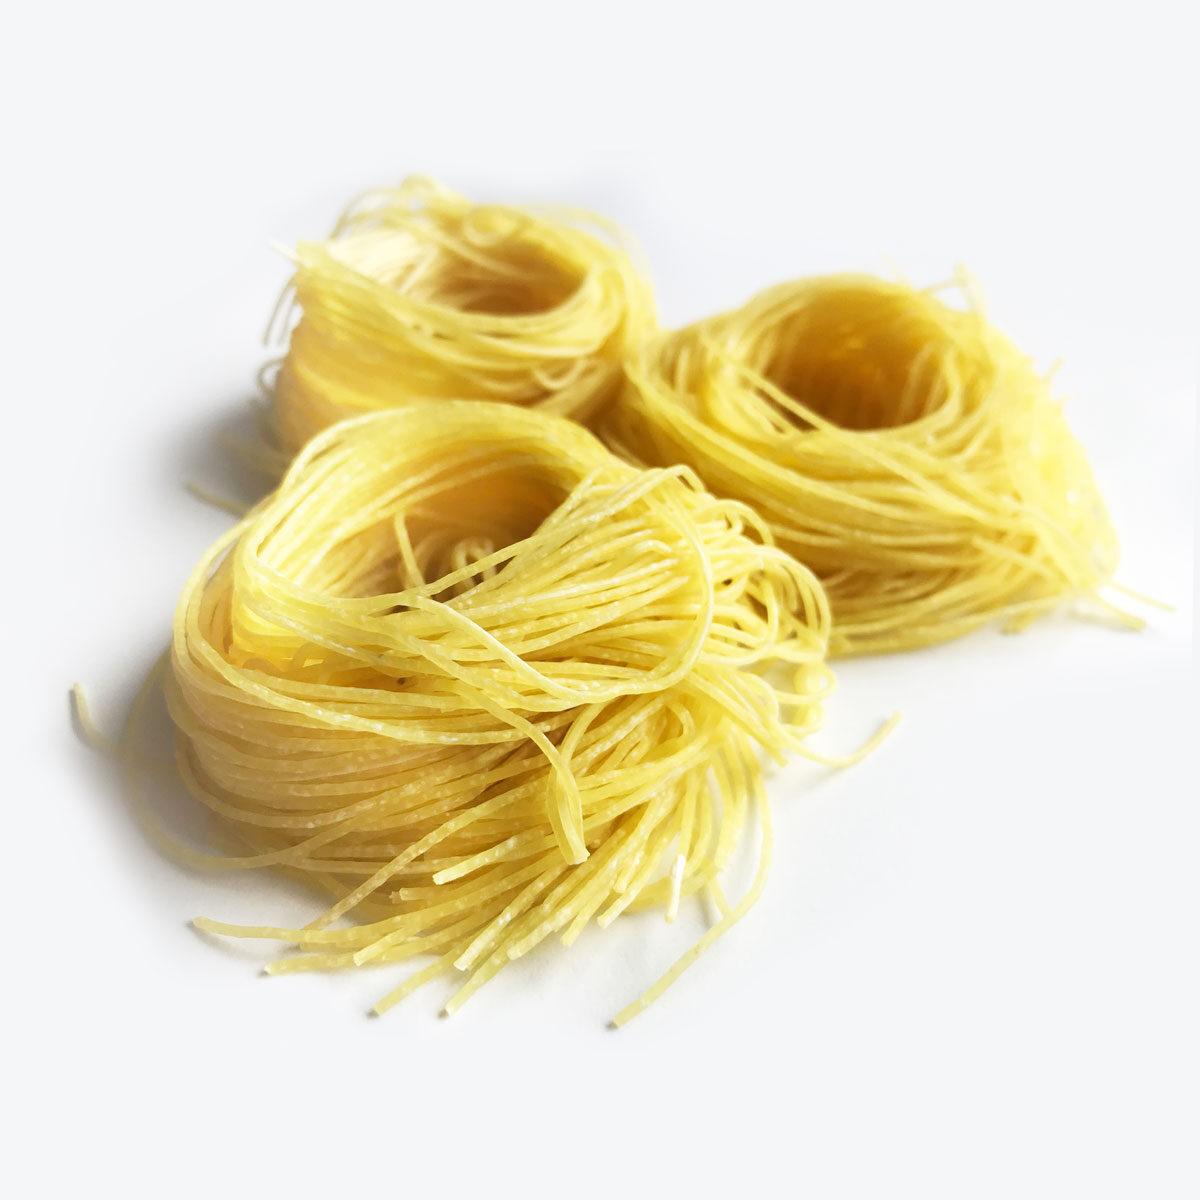 F628-Capelli_Angelo_teflon_pasta_